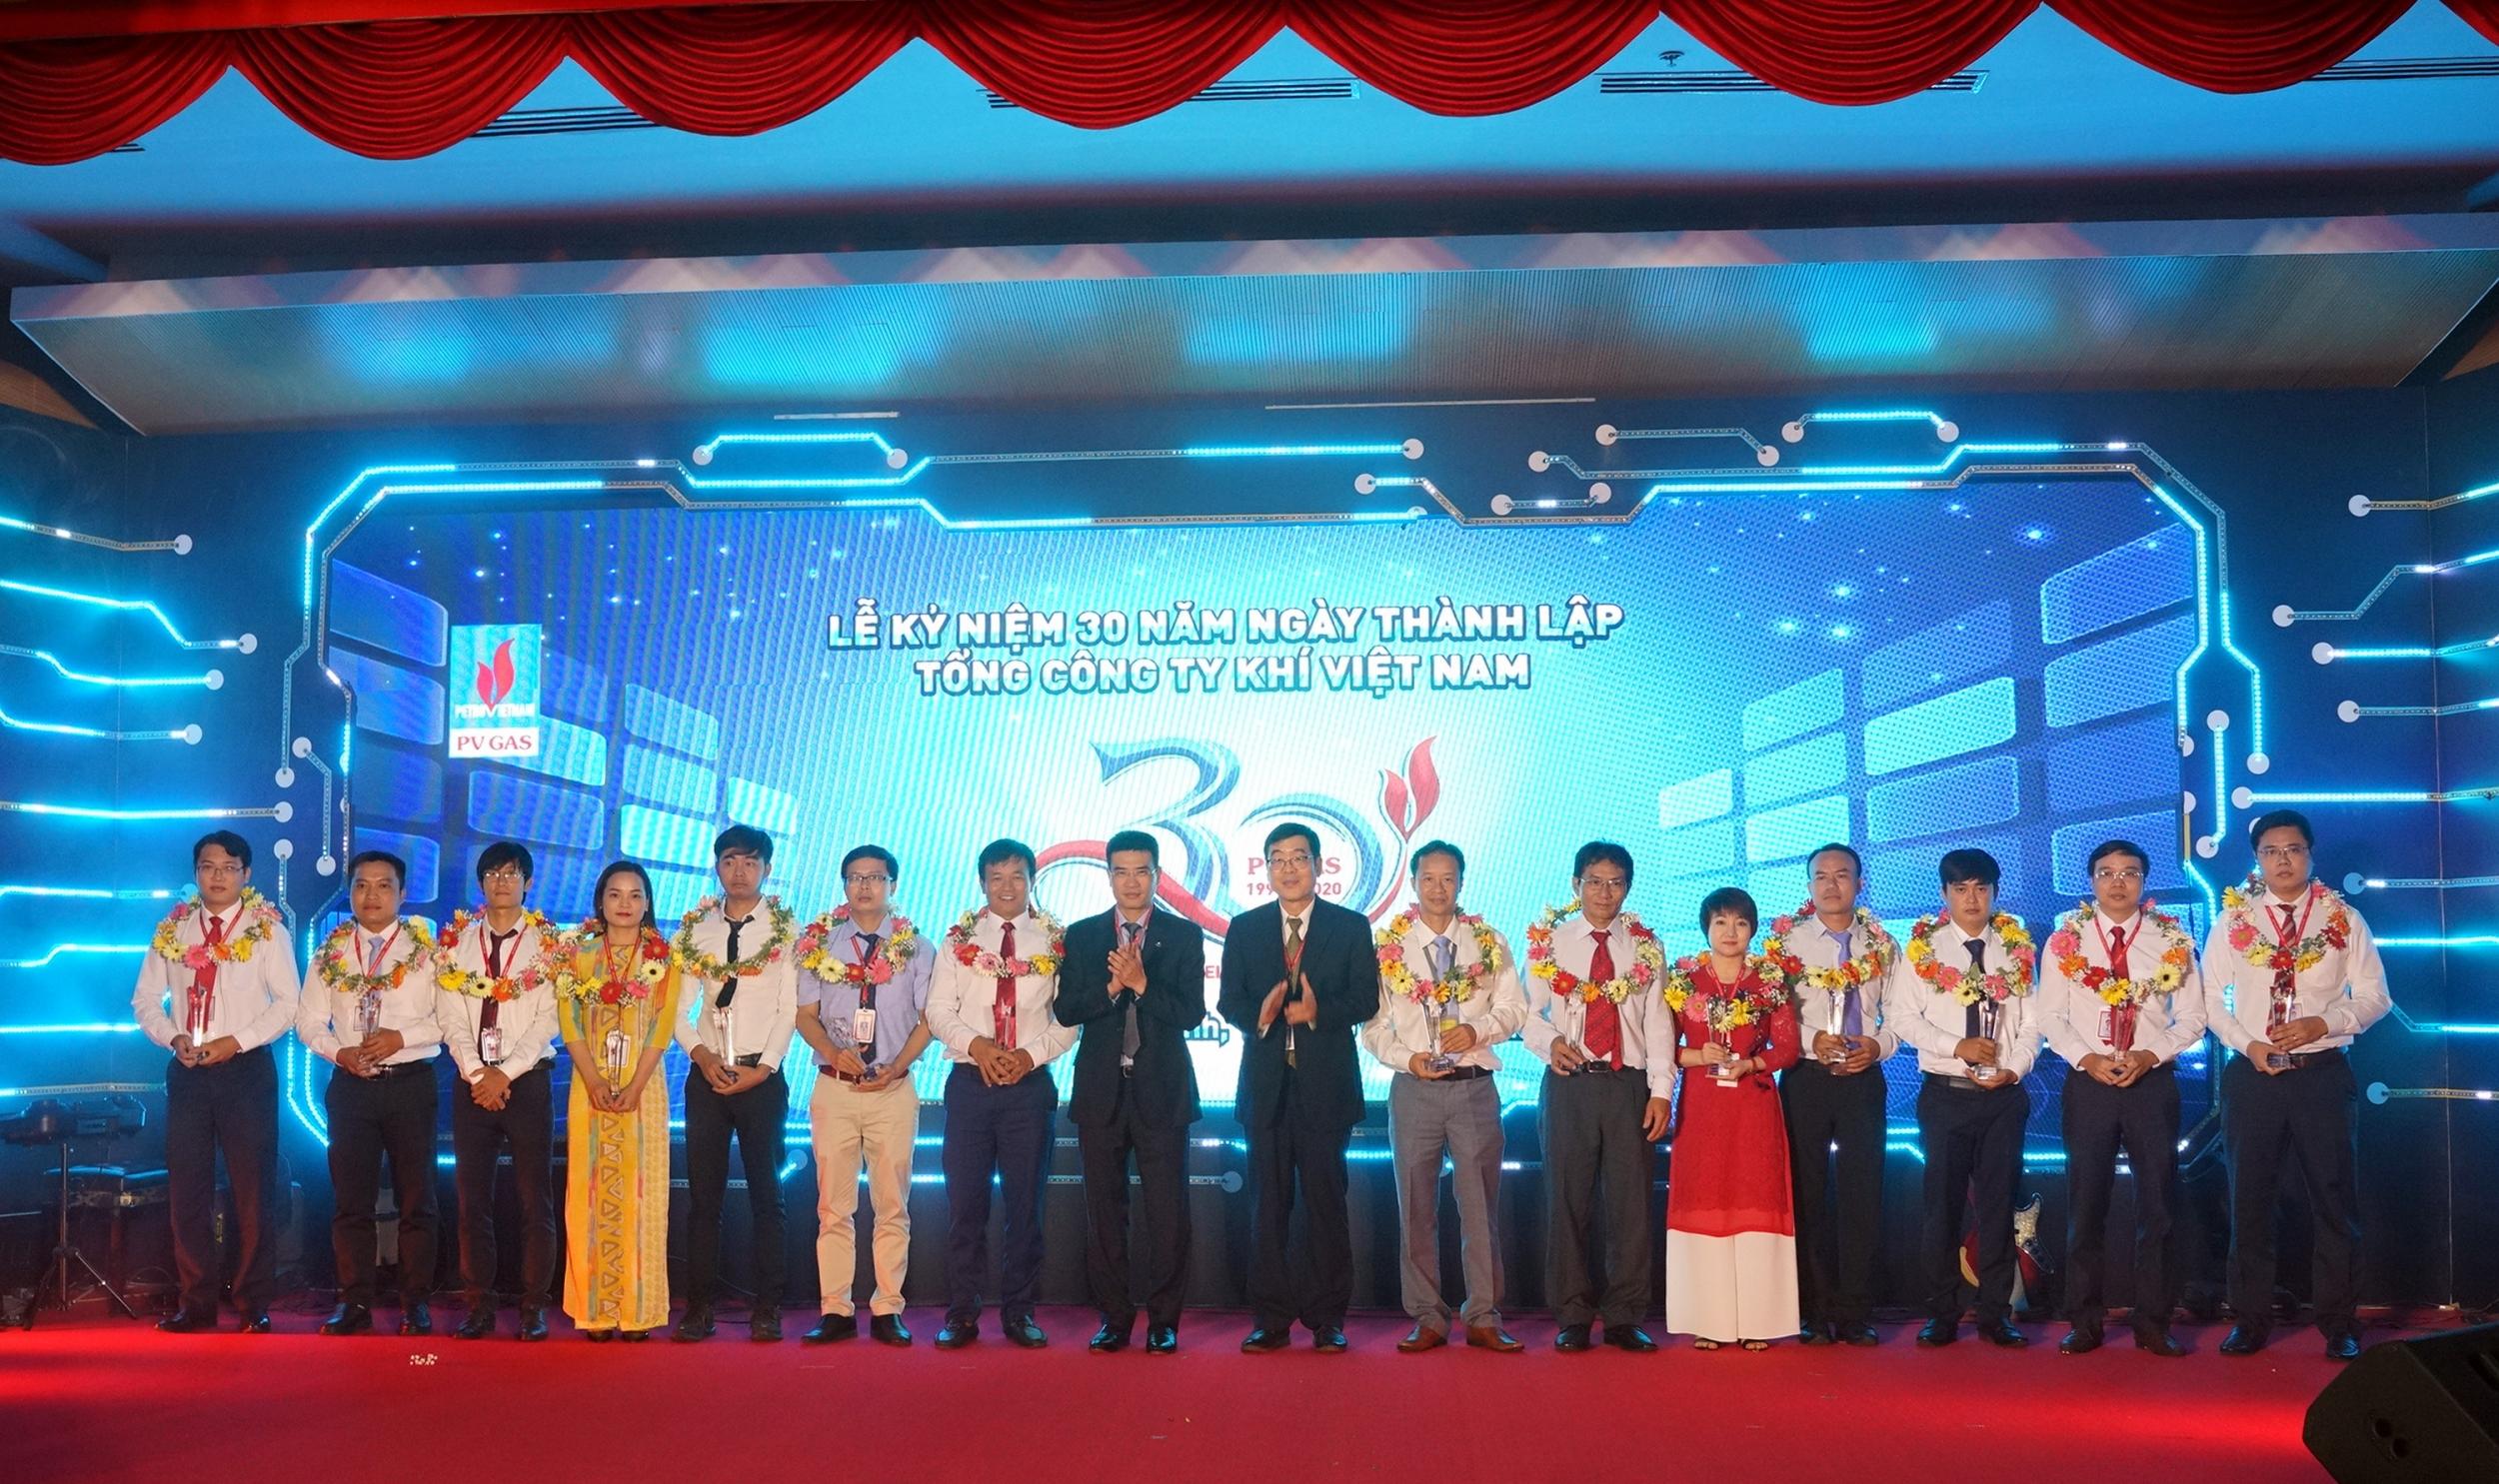 Lễ kỷ niệm 30 năm thành lập PV GAS: Lan tỏa tình đoàn kết và văn hóa doanh nghiệp